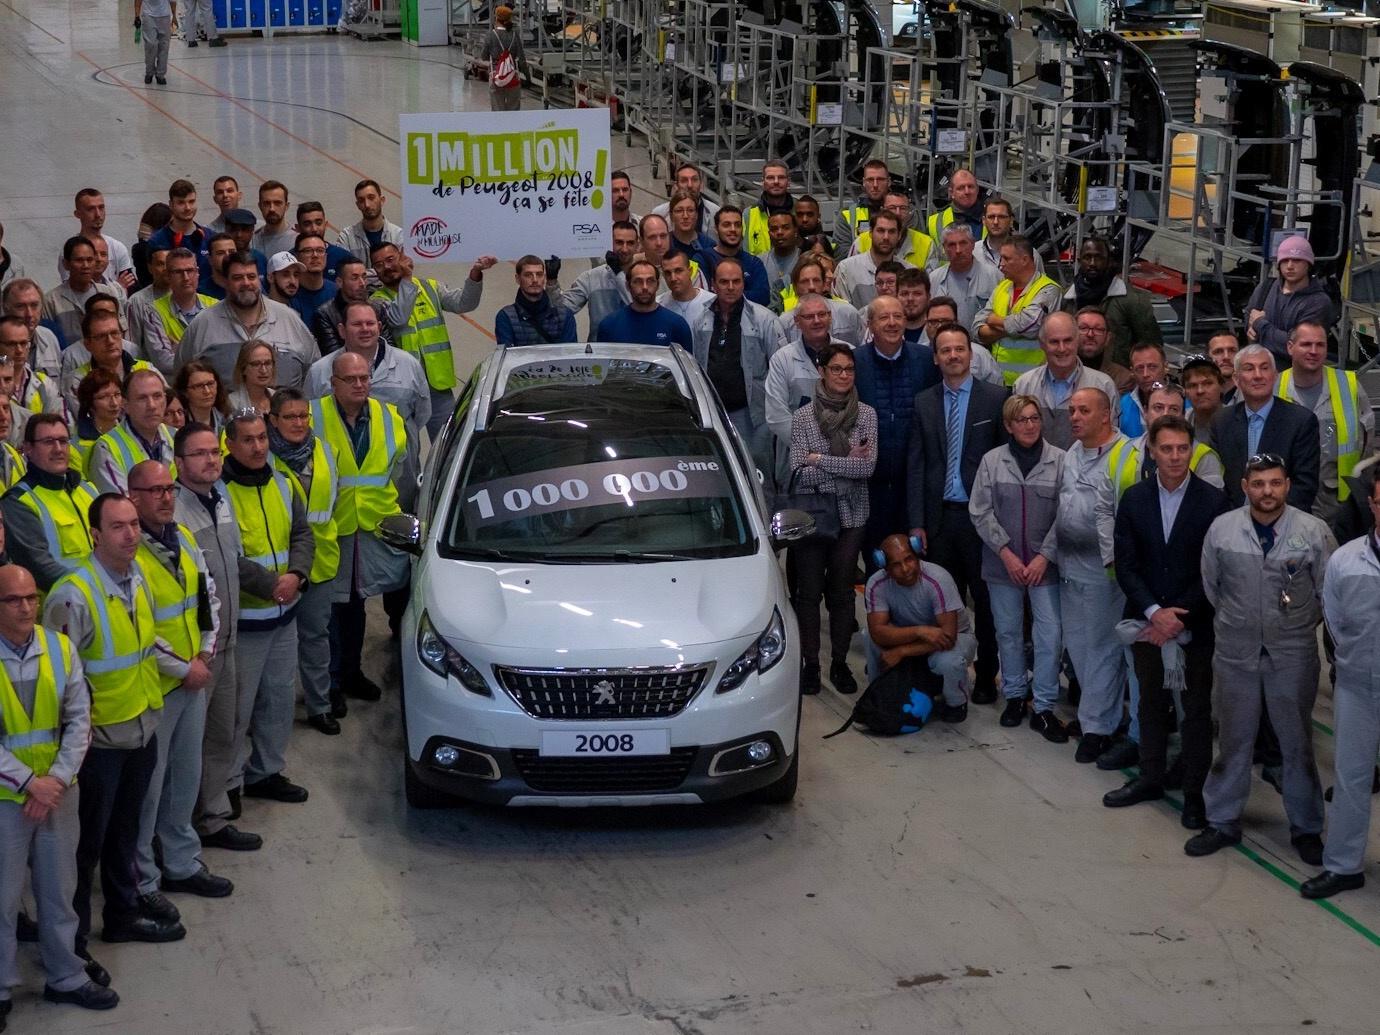 Peugeot 2008 slaví milion vyrobených kusů